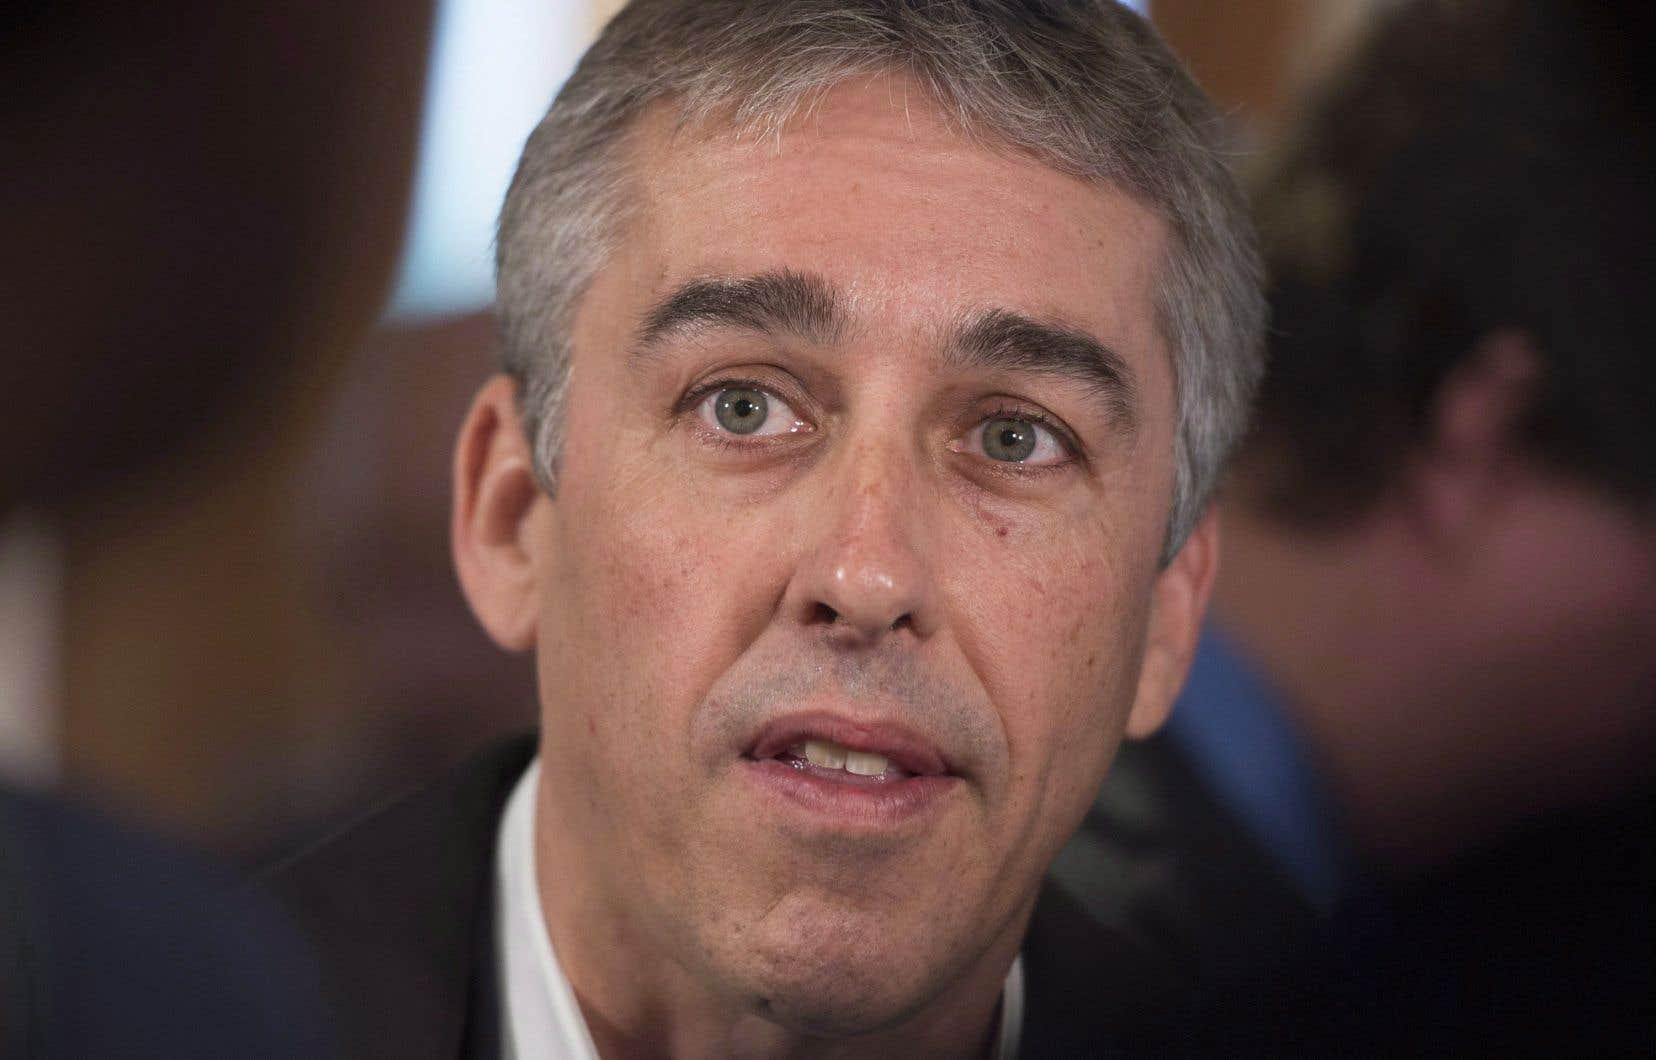 Nicolas Marceaua été élu dans Rousseau en 2009, 2012 et 2014. Il a été ministre des Finances et de l'Économie dans le gouvernement de Pauline Marois.